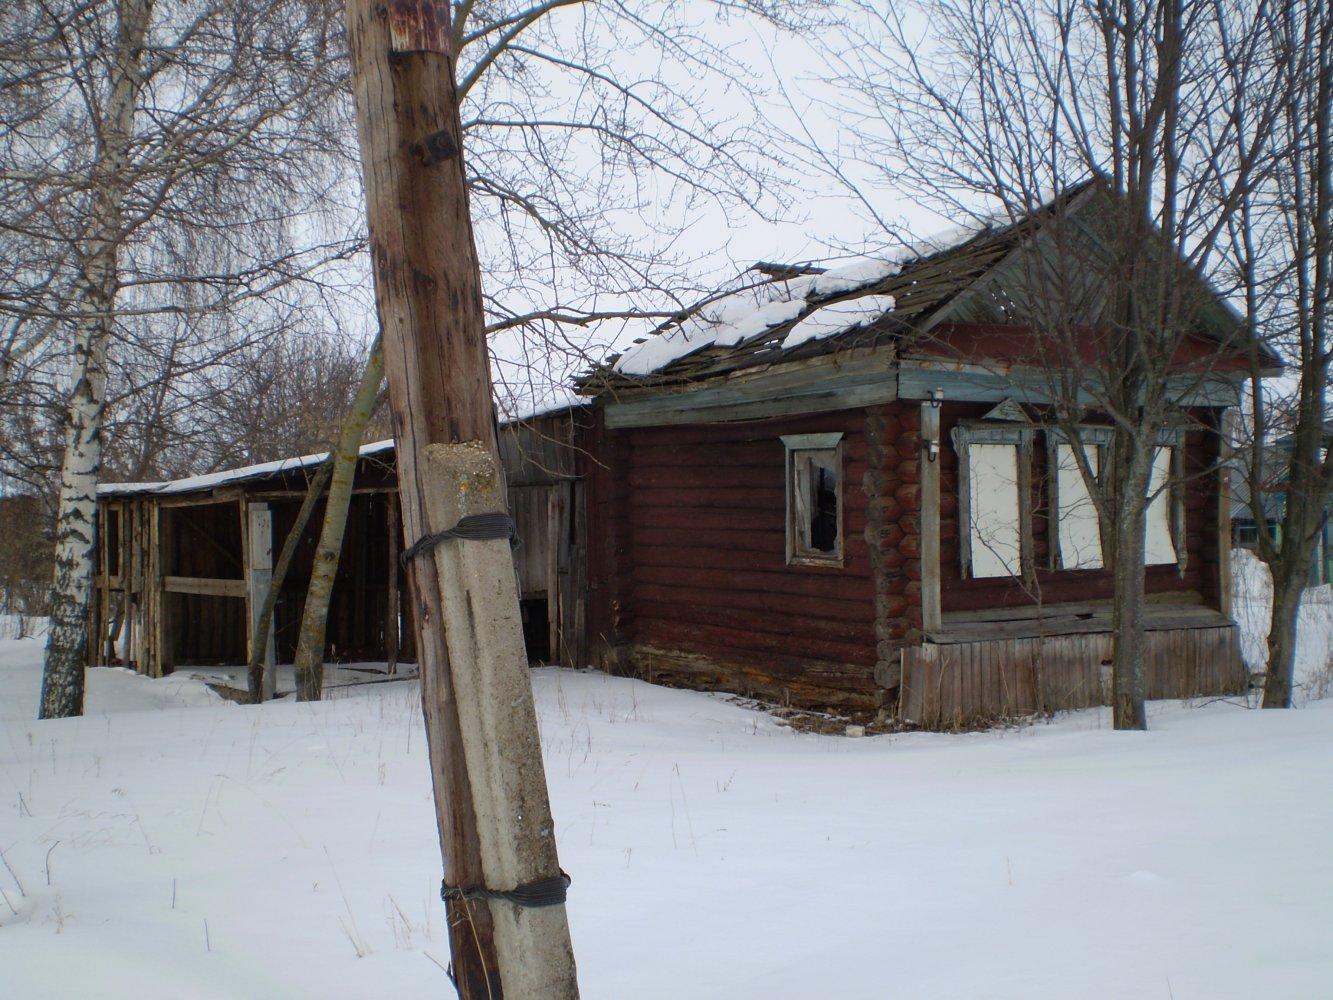 Фото P3200022.JPG. Россия, Нижегородская область, Клин, Unnamed Road